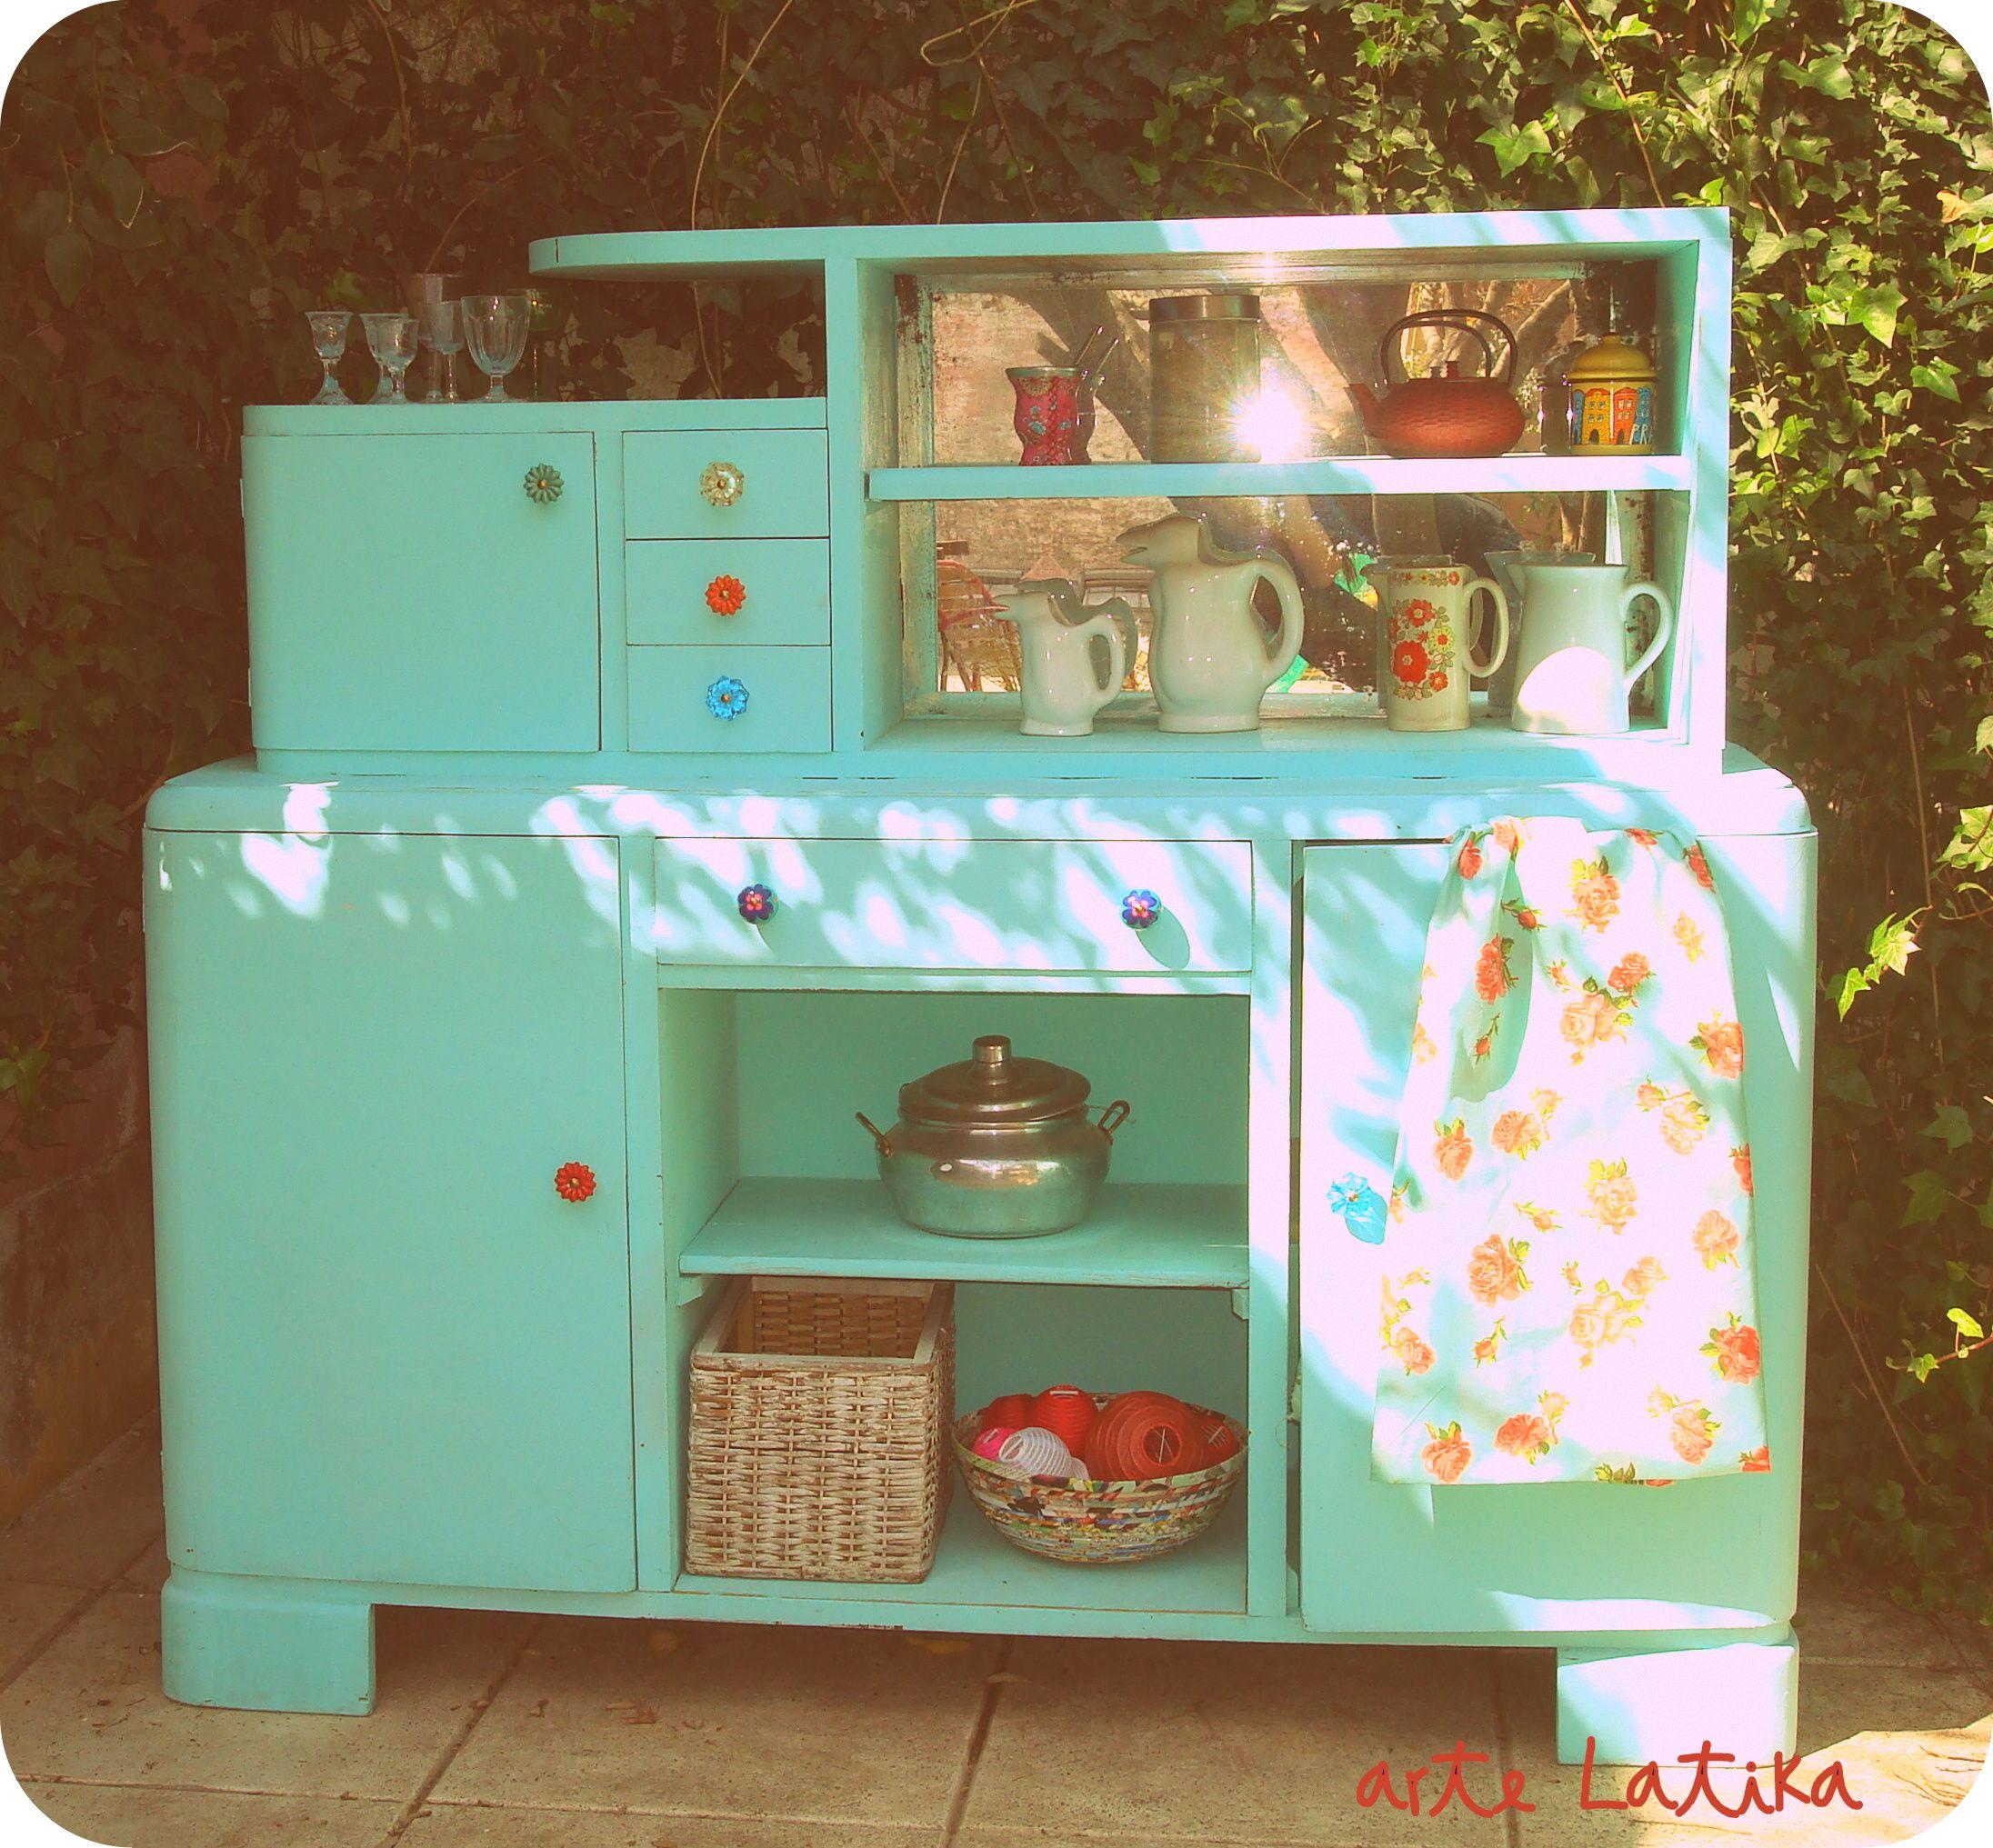 Tina aparador art dec restaurado para arte latika mios pinterest muebles muebles - Aparador art deco ...